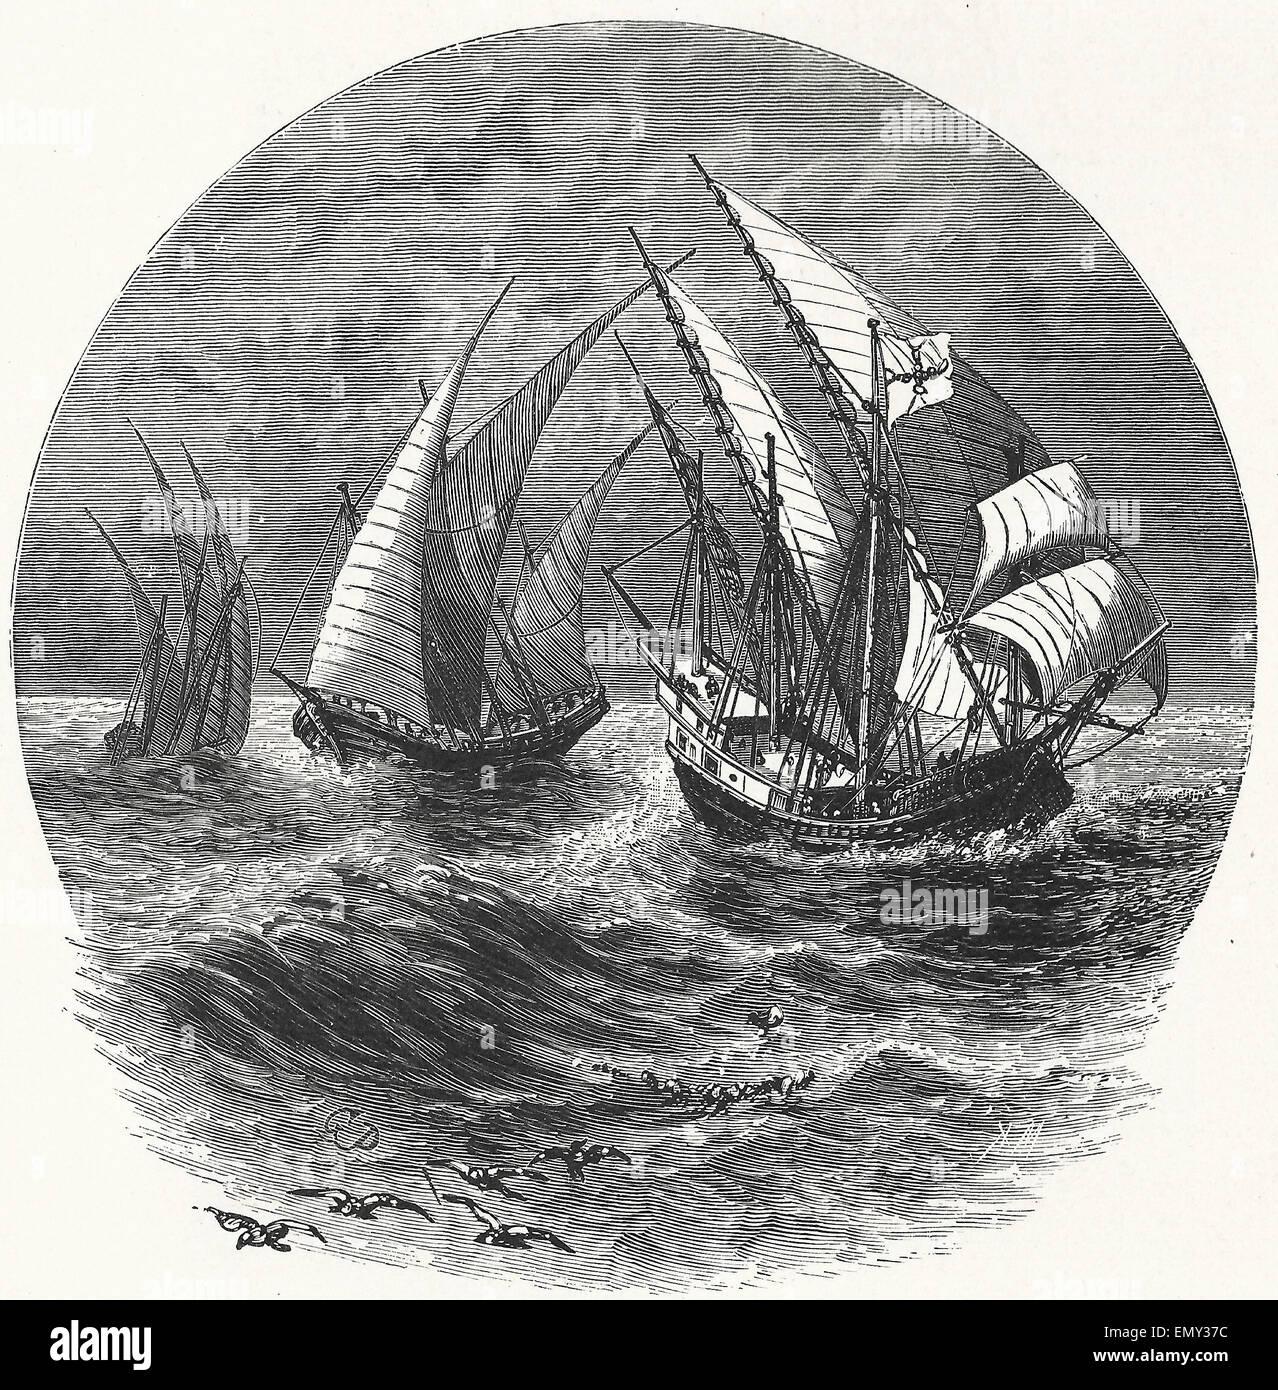 The Ships of Columbus - Nina, Pinta and Santa Maria - Stock Image